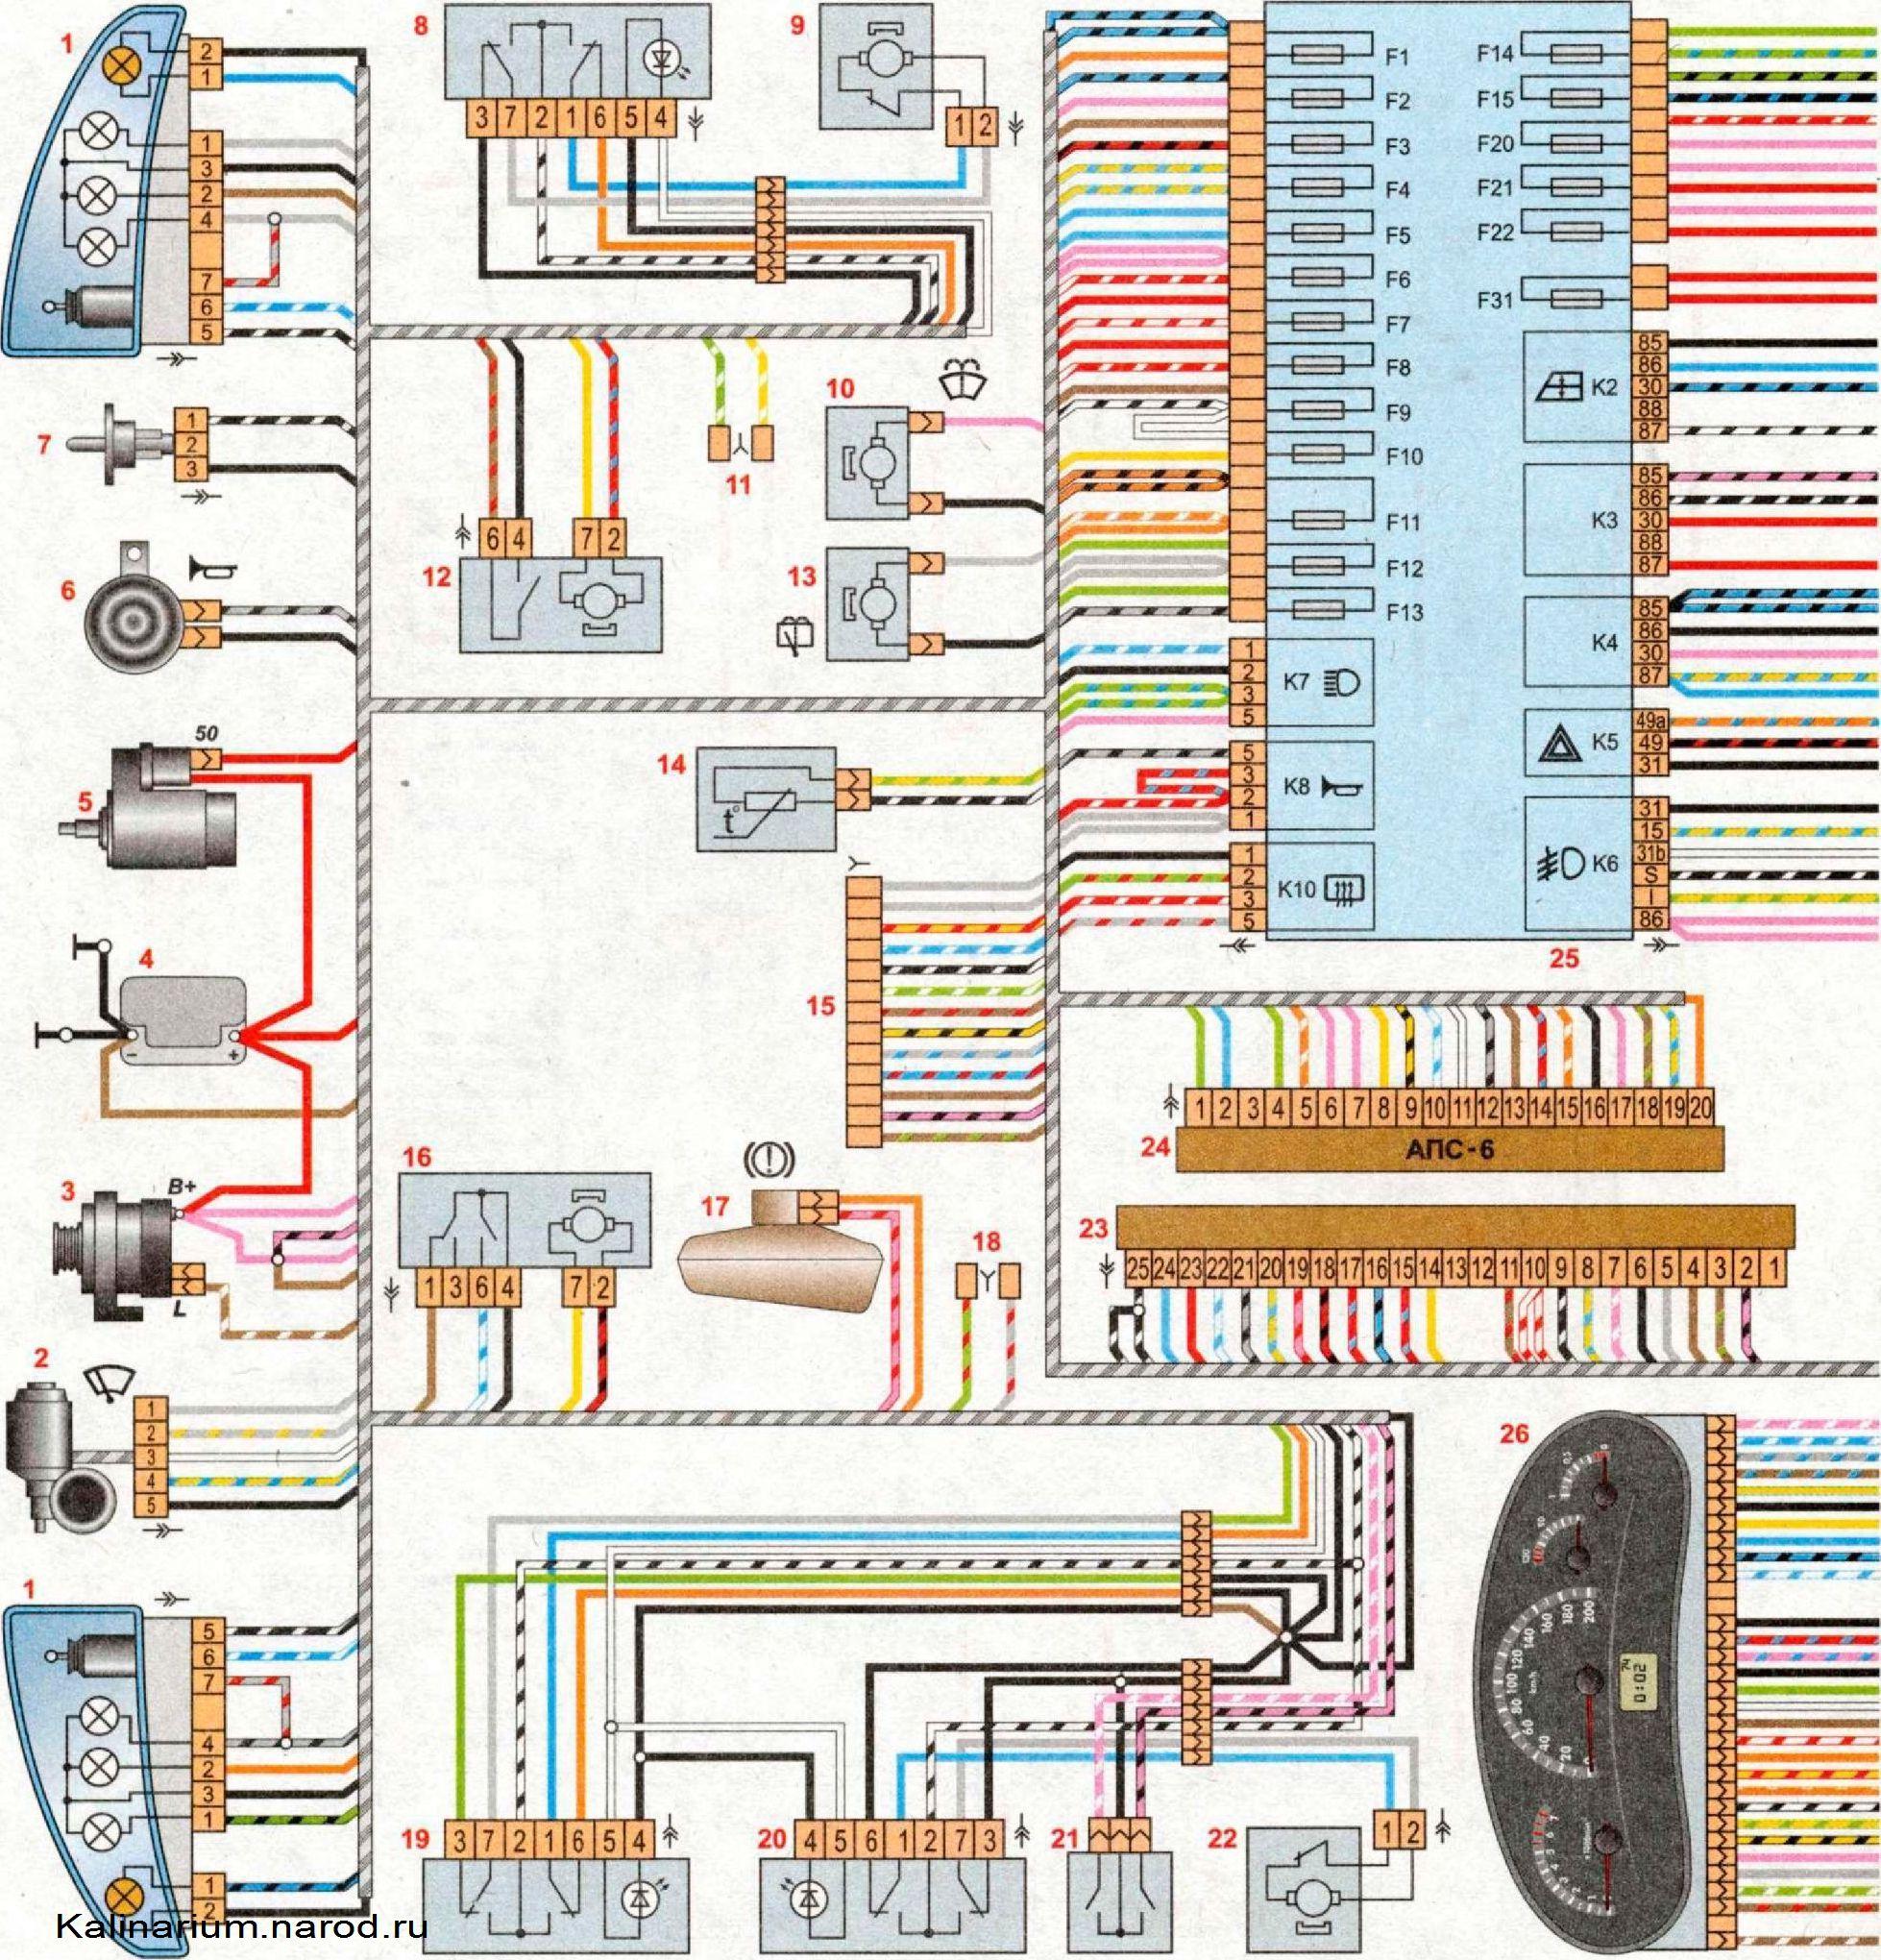 ...схема 6 май 2013 схемы генераторов электрические схемы электрическая схема лада калина май 06 электрическая схема.